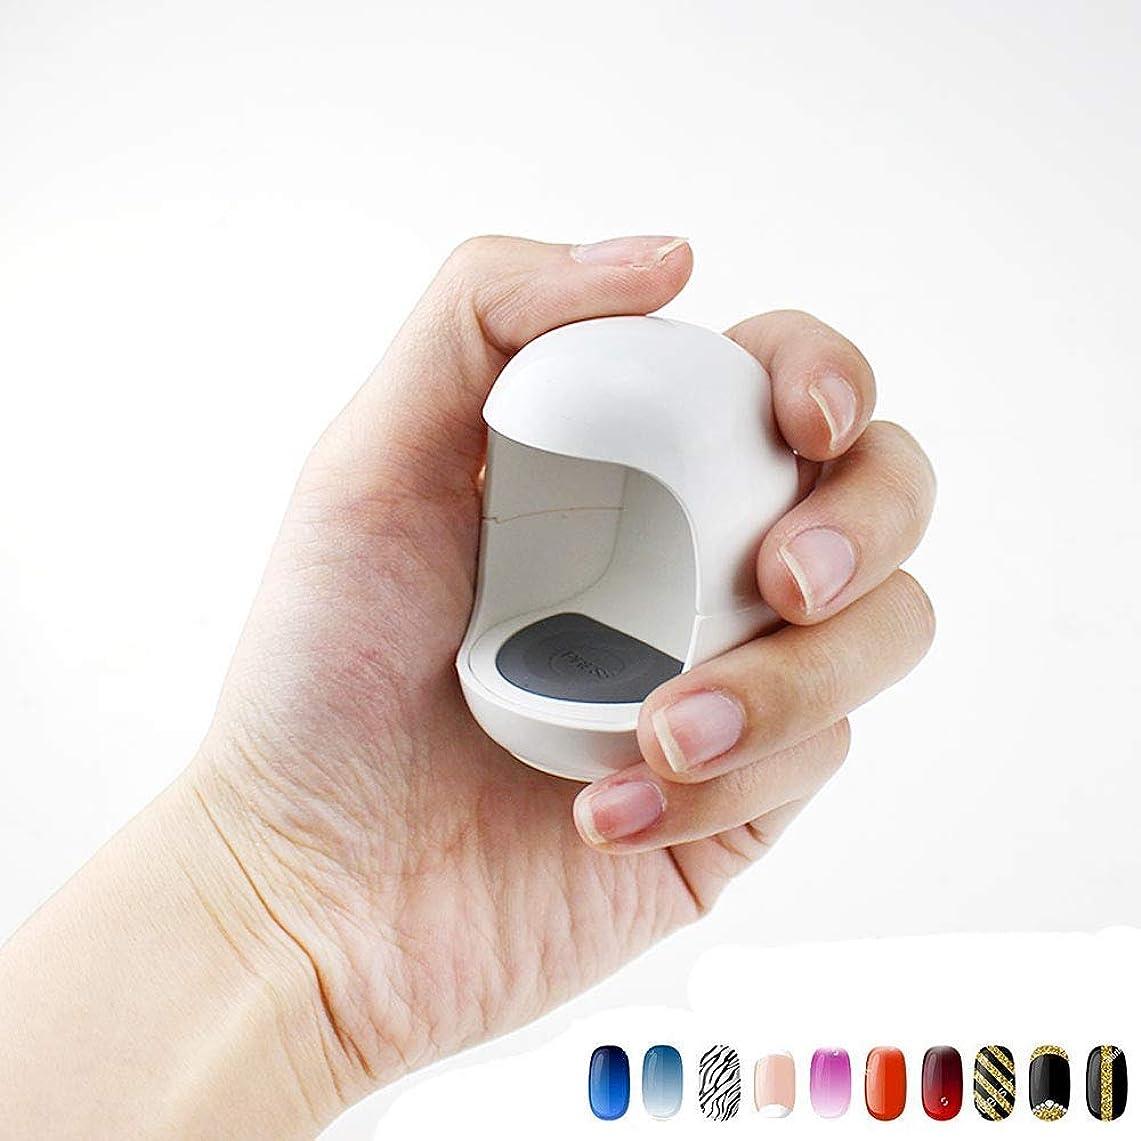 ネクタイ力省UV LEDネイルランプミニQ型USBケーブルマニキュア素材ネイルドライヤージェルランプキュアライトシングルネイルポリッシュマニキュアツール